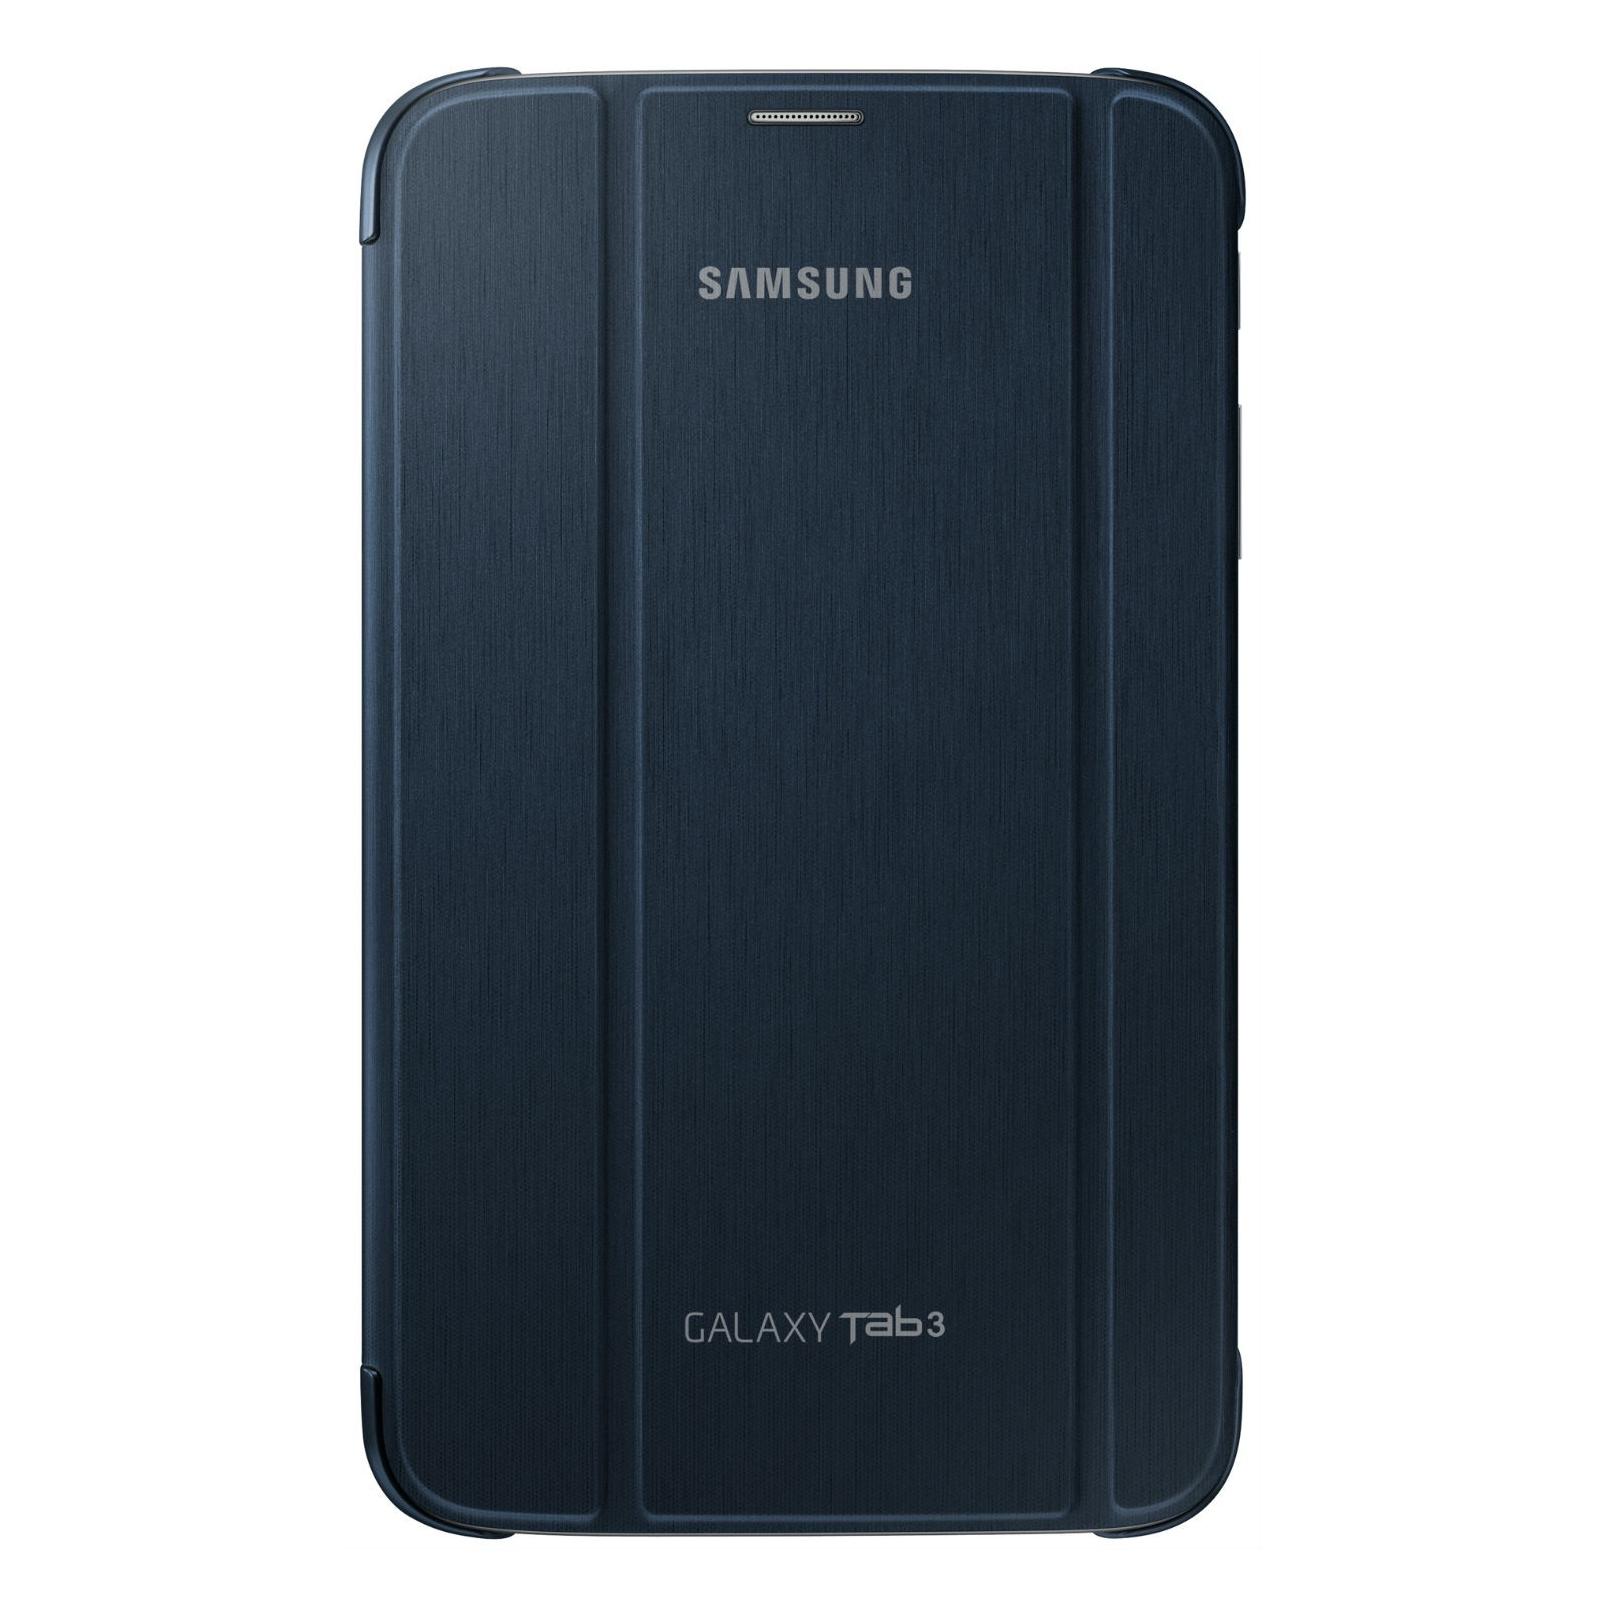 Чехол для планшета Samsung 8 GALAXY Tab 3 /Topaz Blue (EF-BT310BLEGWW)